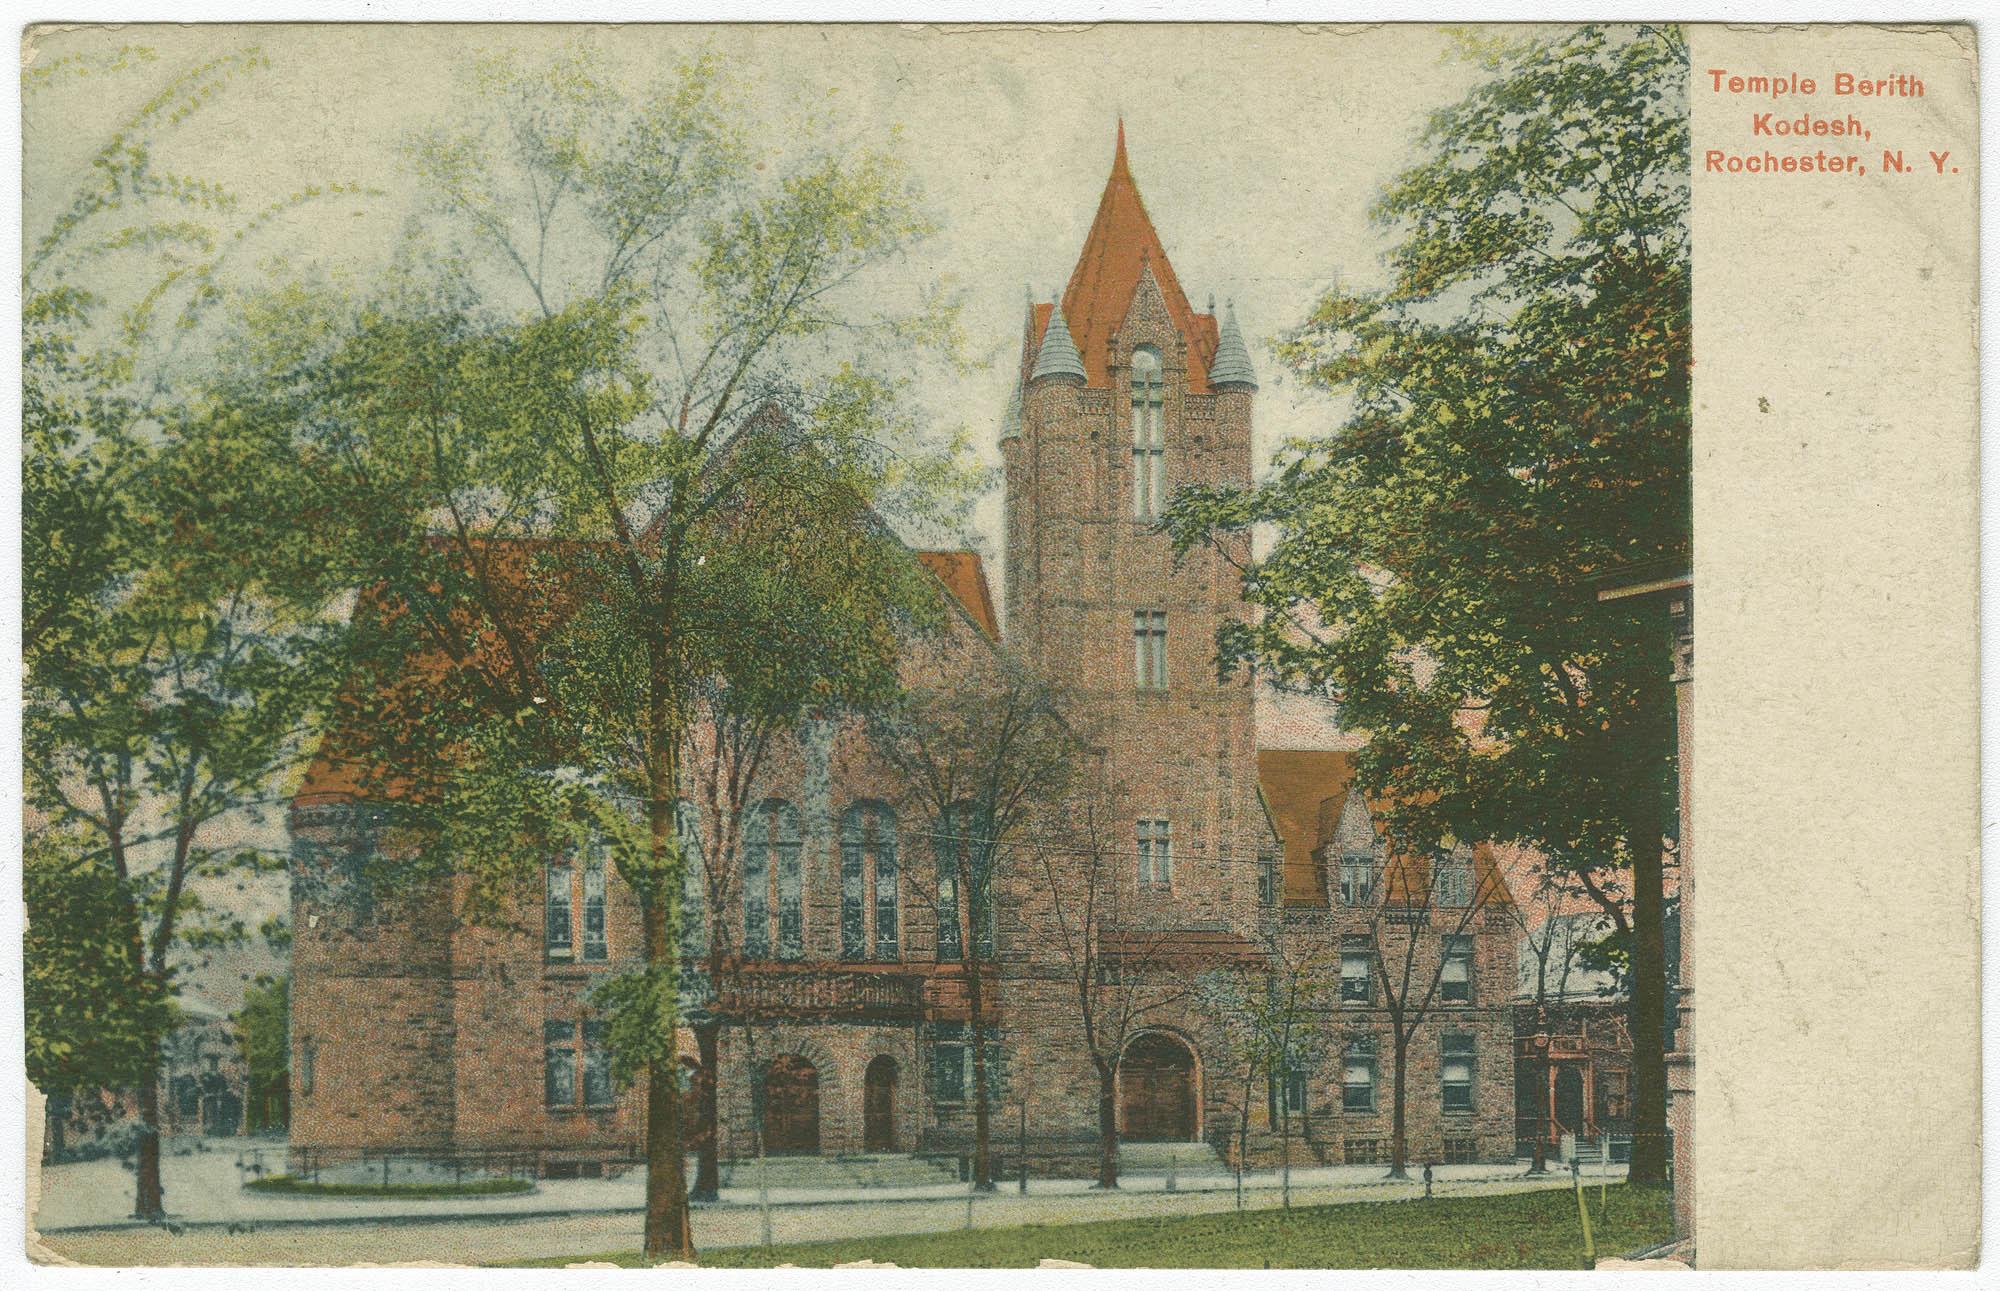 Temple Berith Kodesh, Rochester, N.Y.